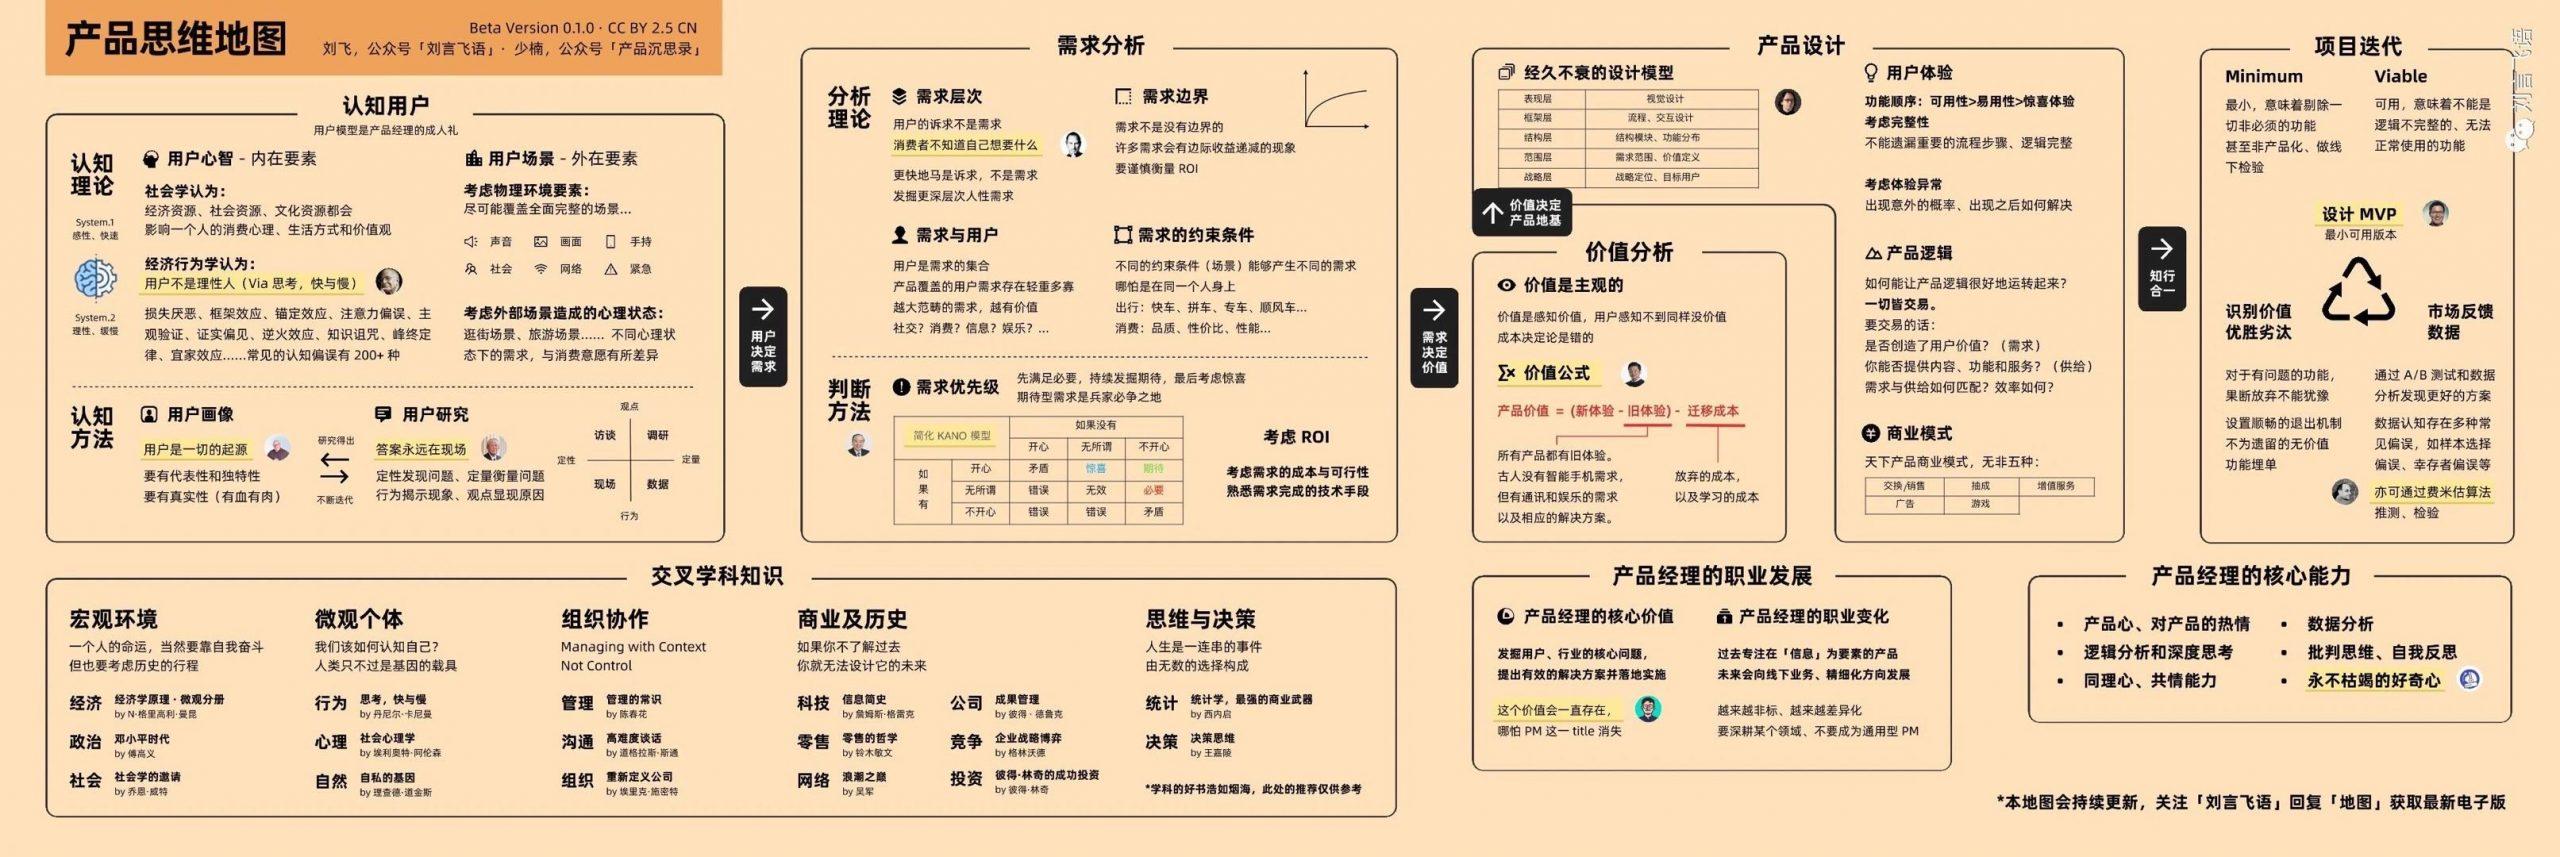 第31期 刘飞产品思维地图